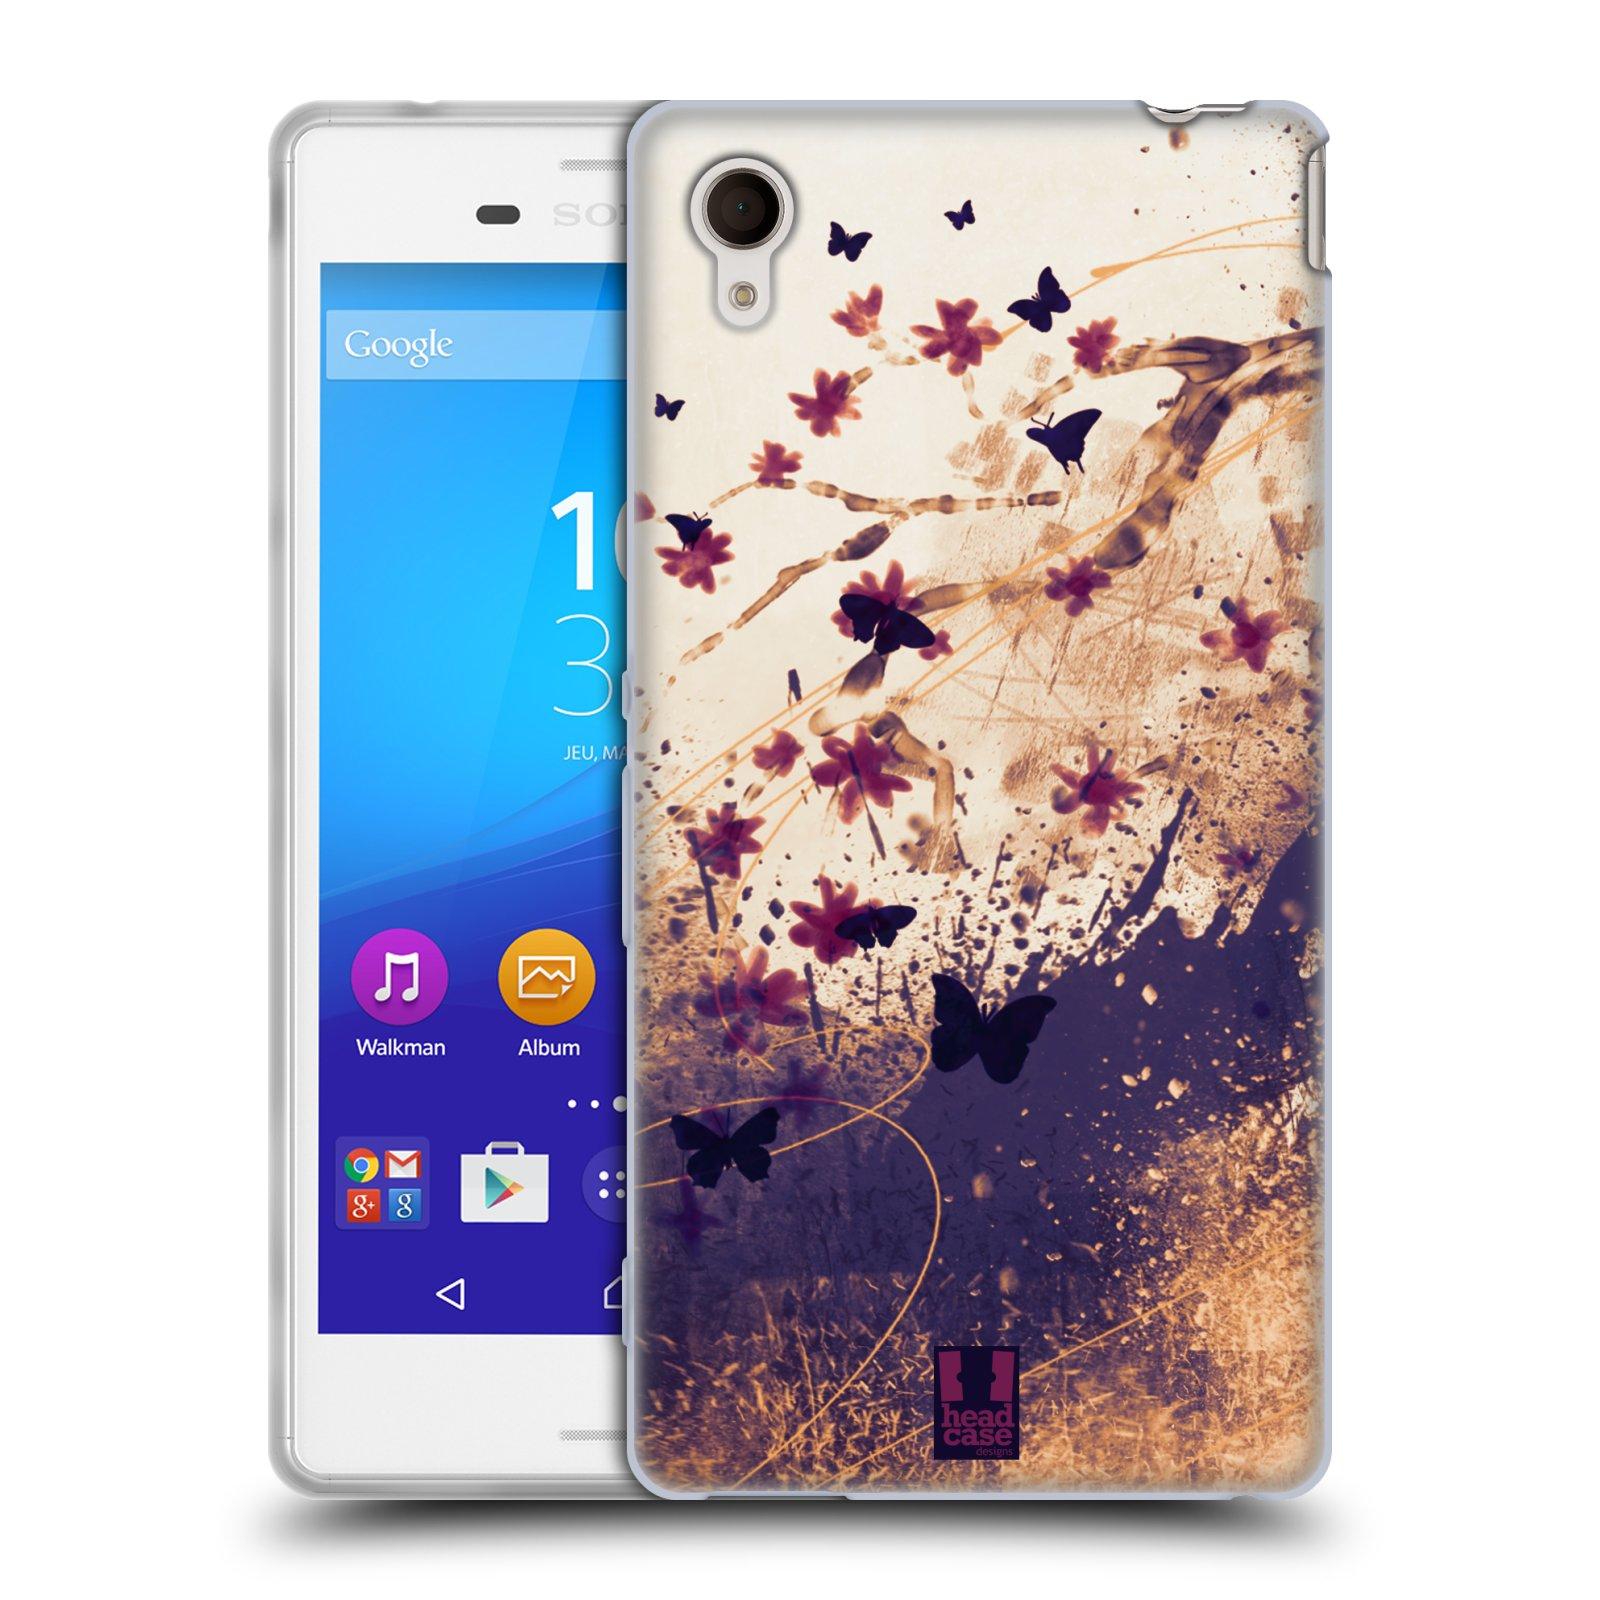 Silikonové pouzdro na mobil Sony Xperia M4 Aqua E2303 HEAD CASE MOTÝLCI (Silikonový kryt či obal na mobilní telefon Sony Xperia M4 Aqua a M4 Aqua Dual SIM)